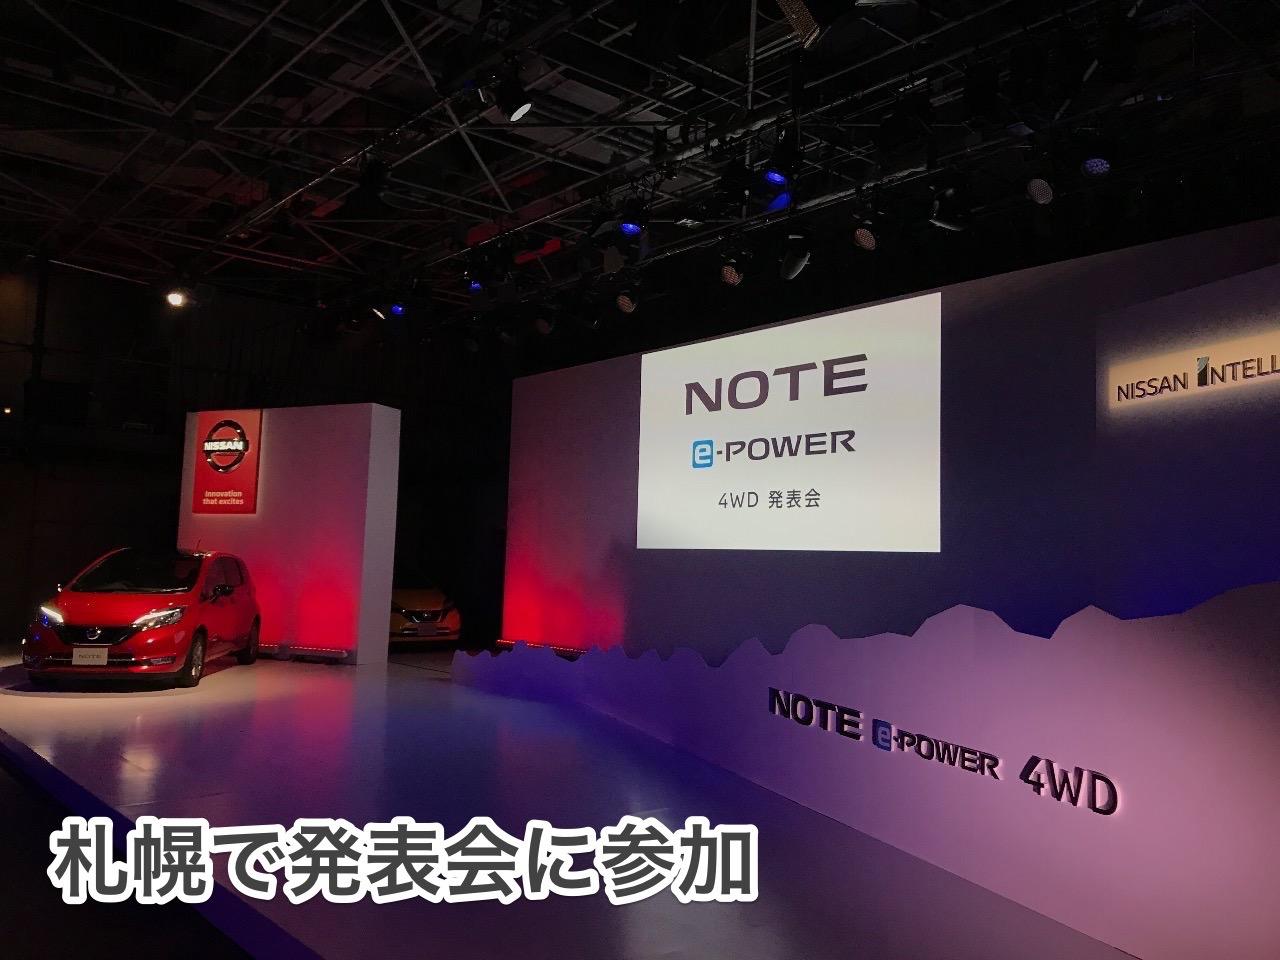 「ノート e-POWER 4WD」発表!きめ細やかなコントロールで圧雪路・凍結路に強い4WDモデル